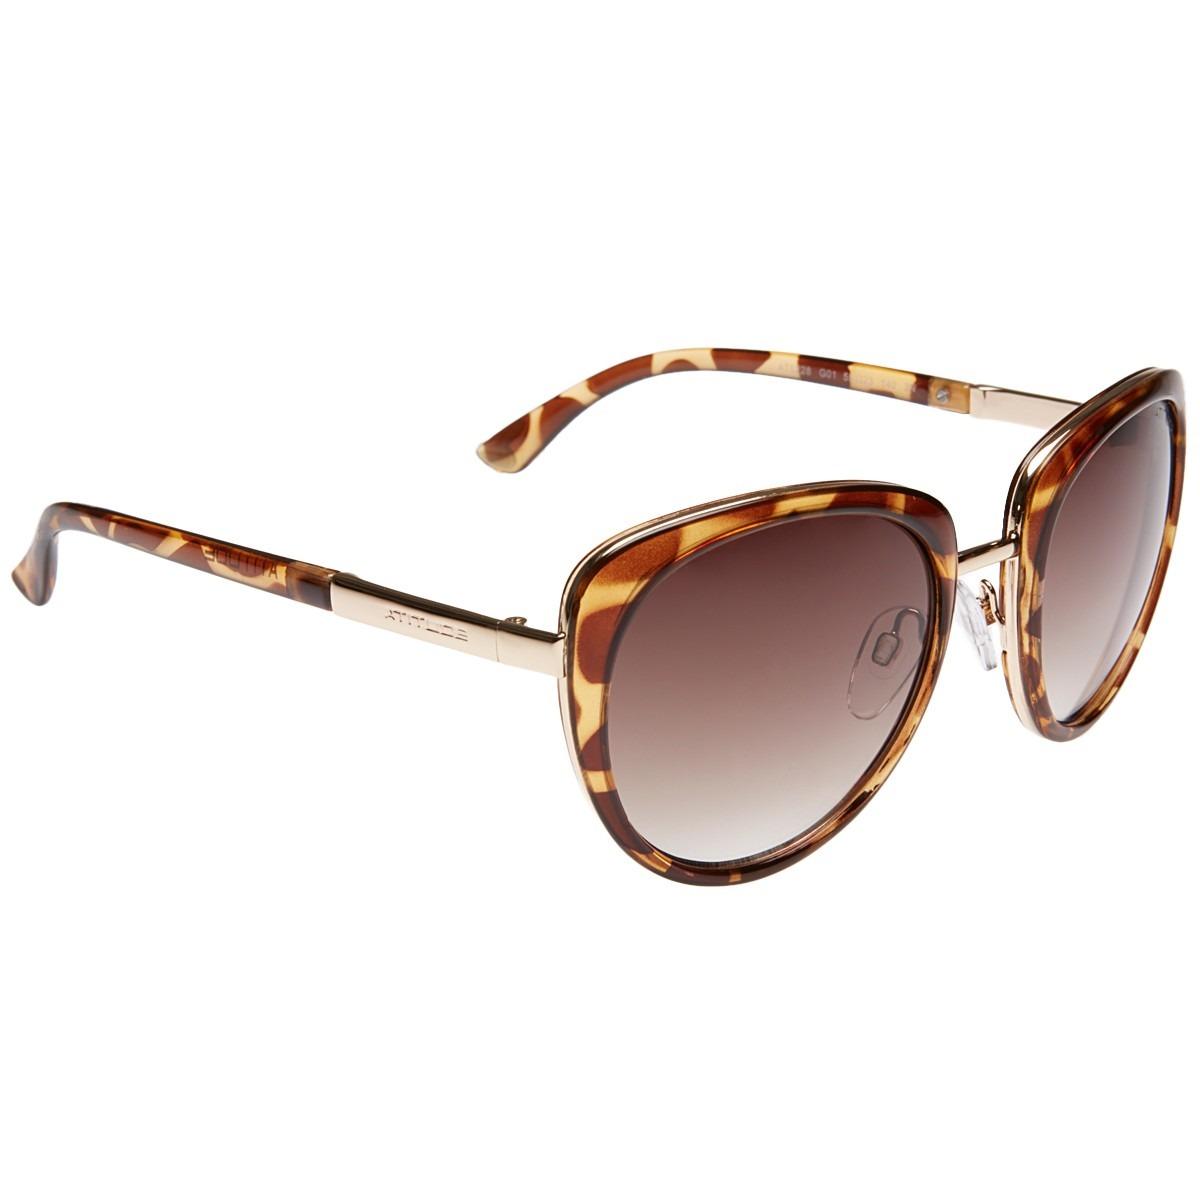 81ad1524d Óculos De Sol Atitude At 5228 G01 (original) Escuro - R$ 129,99 em ...